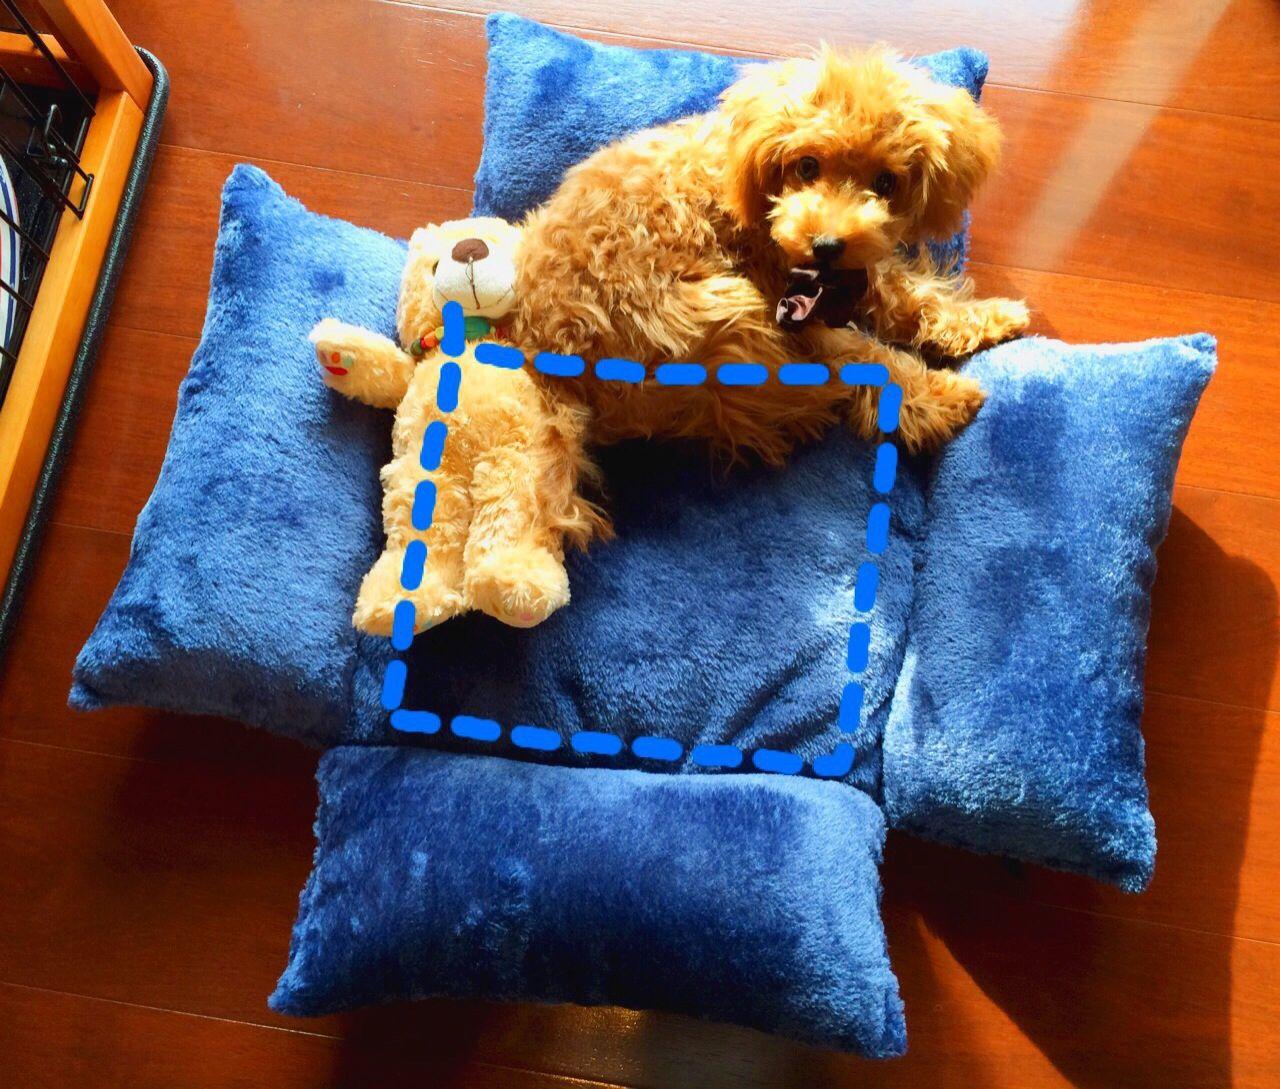 100円クッションを使った犬用ベッドの作り方 借りぐらしのショコラッティ 犬用ベッド ベッド の 作り方 手作りベット